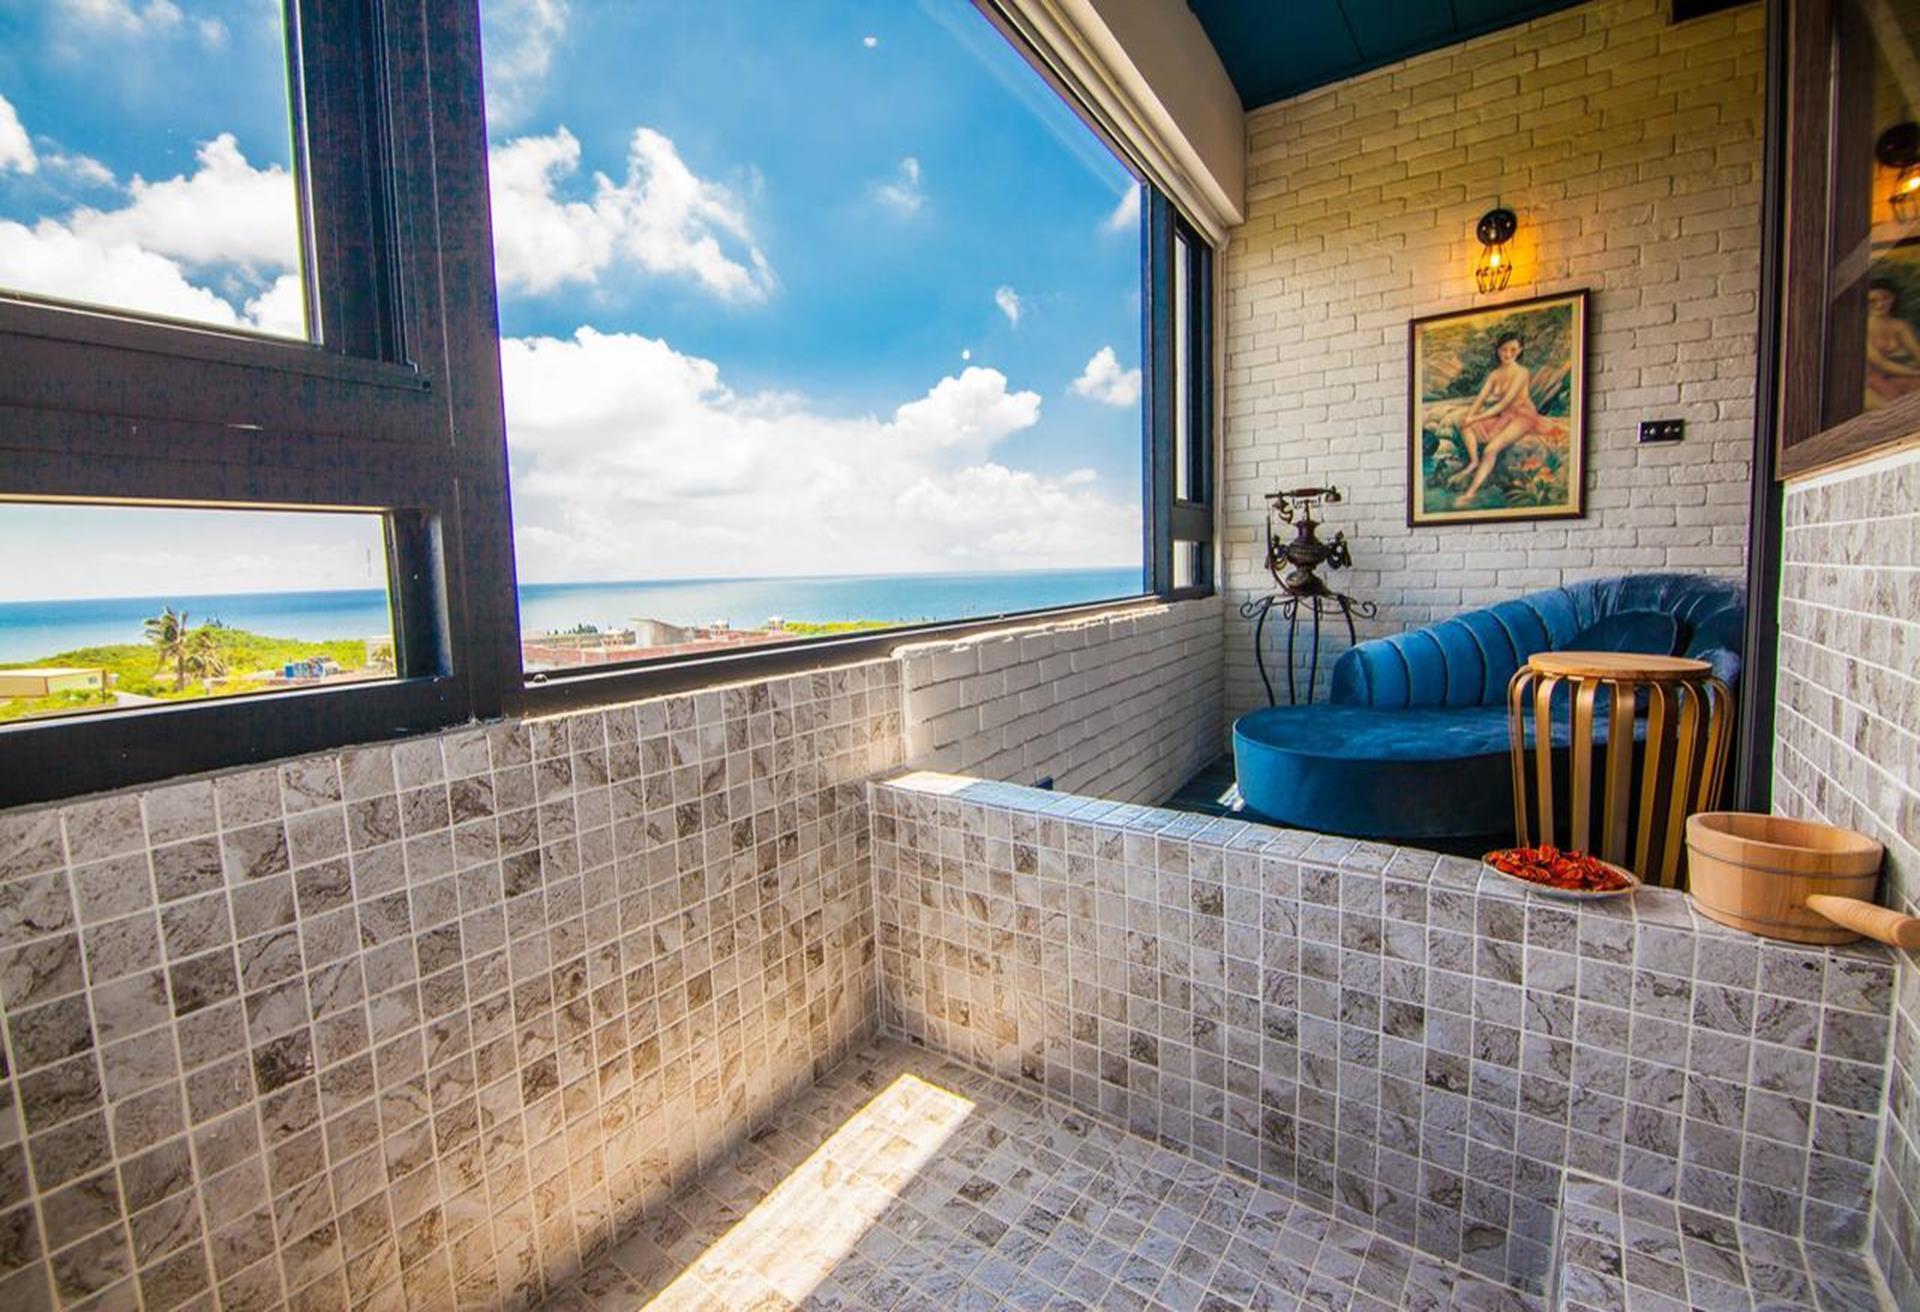 琉球茶室復古館,小琉球海景民宿,小琉球住宿,小琉球 民宿